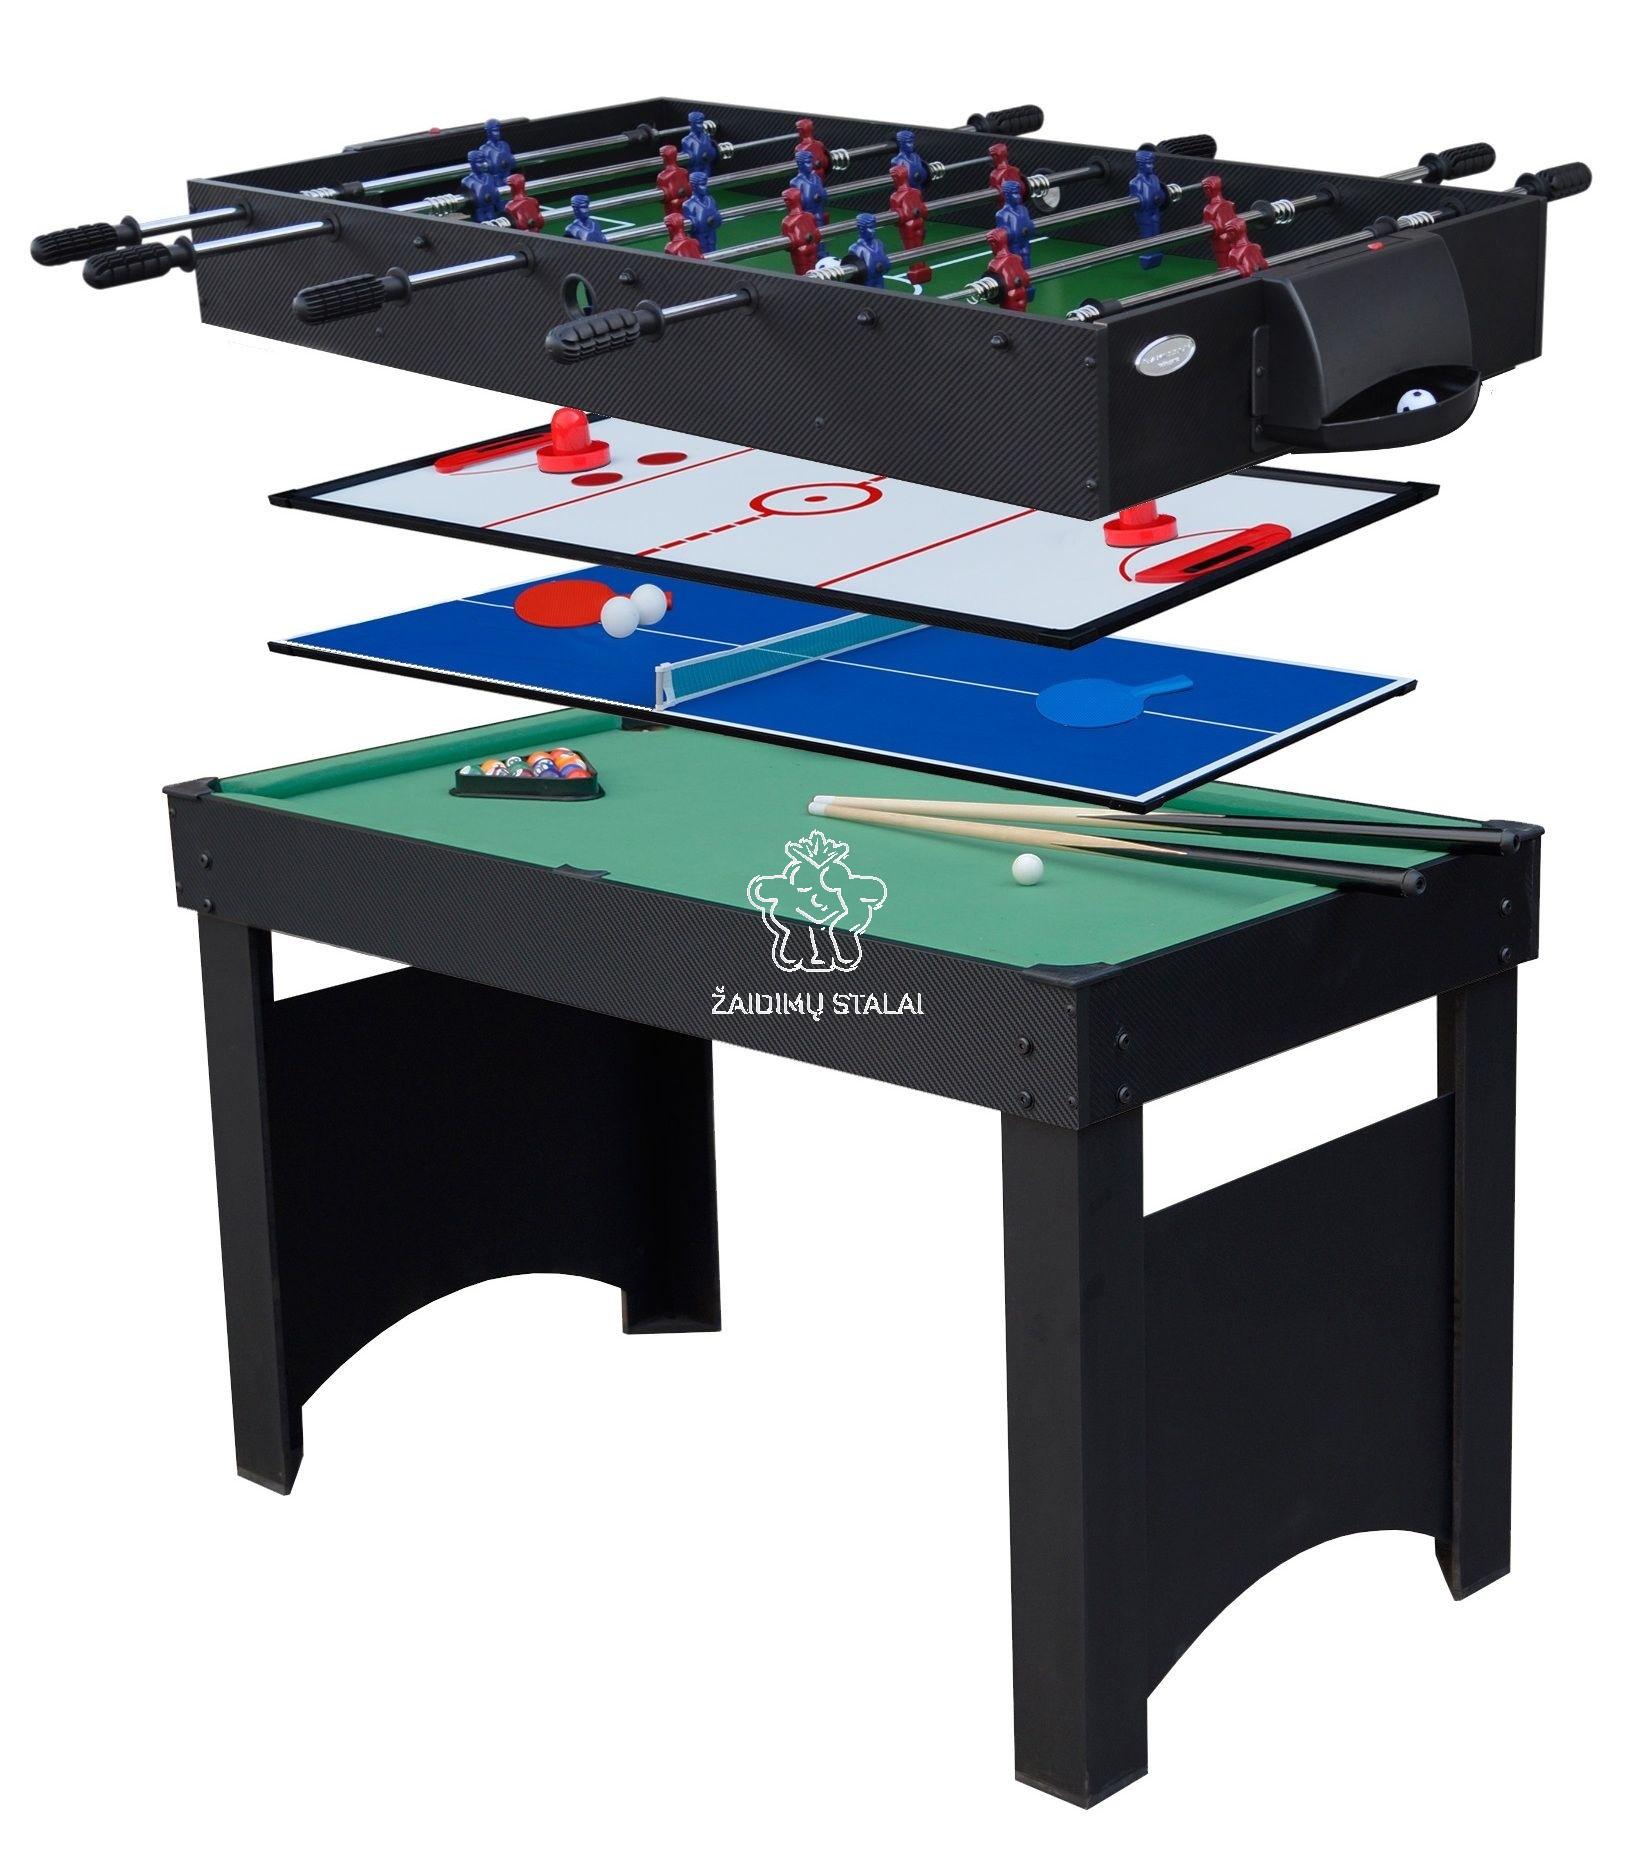 Žaidimų stalas Bex Jupiter 4 in 1